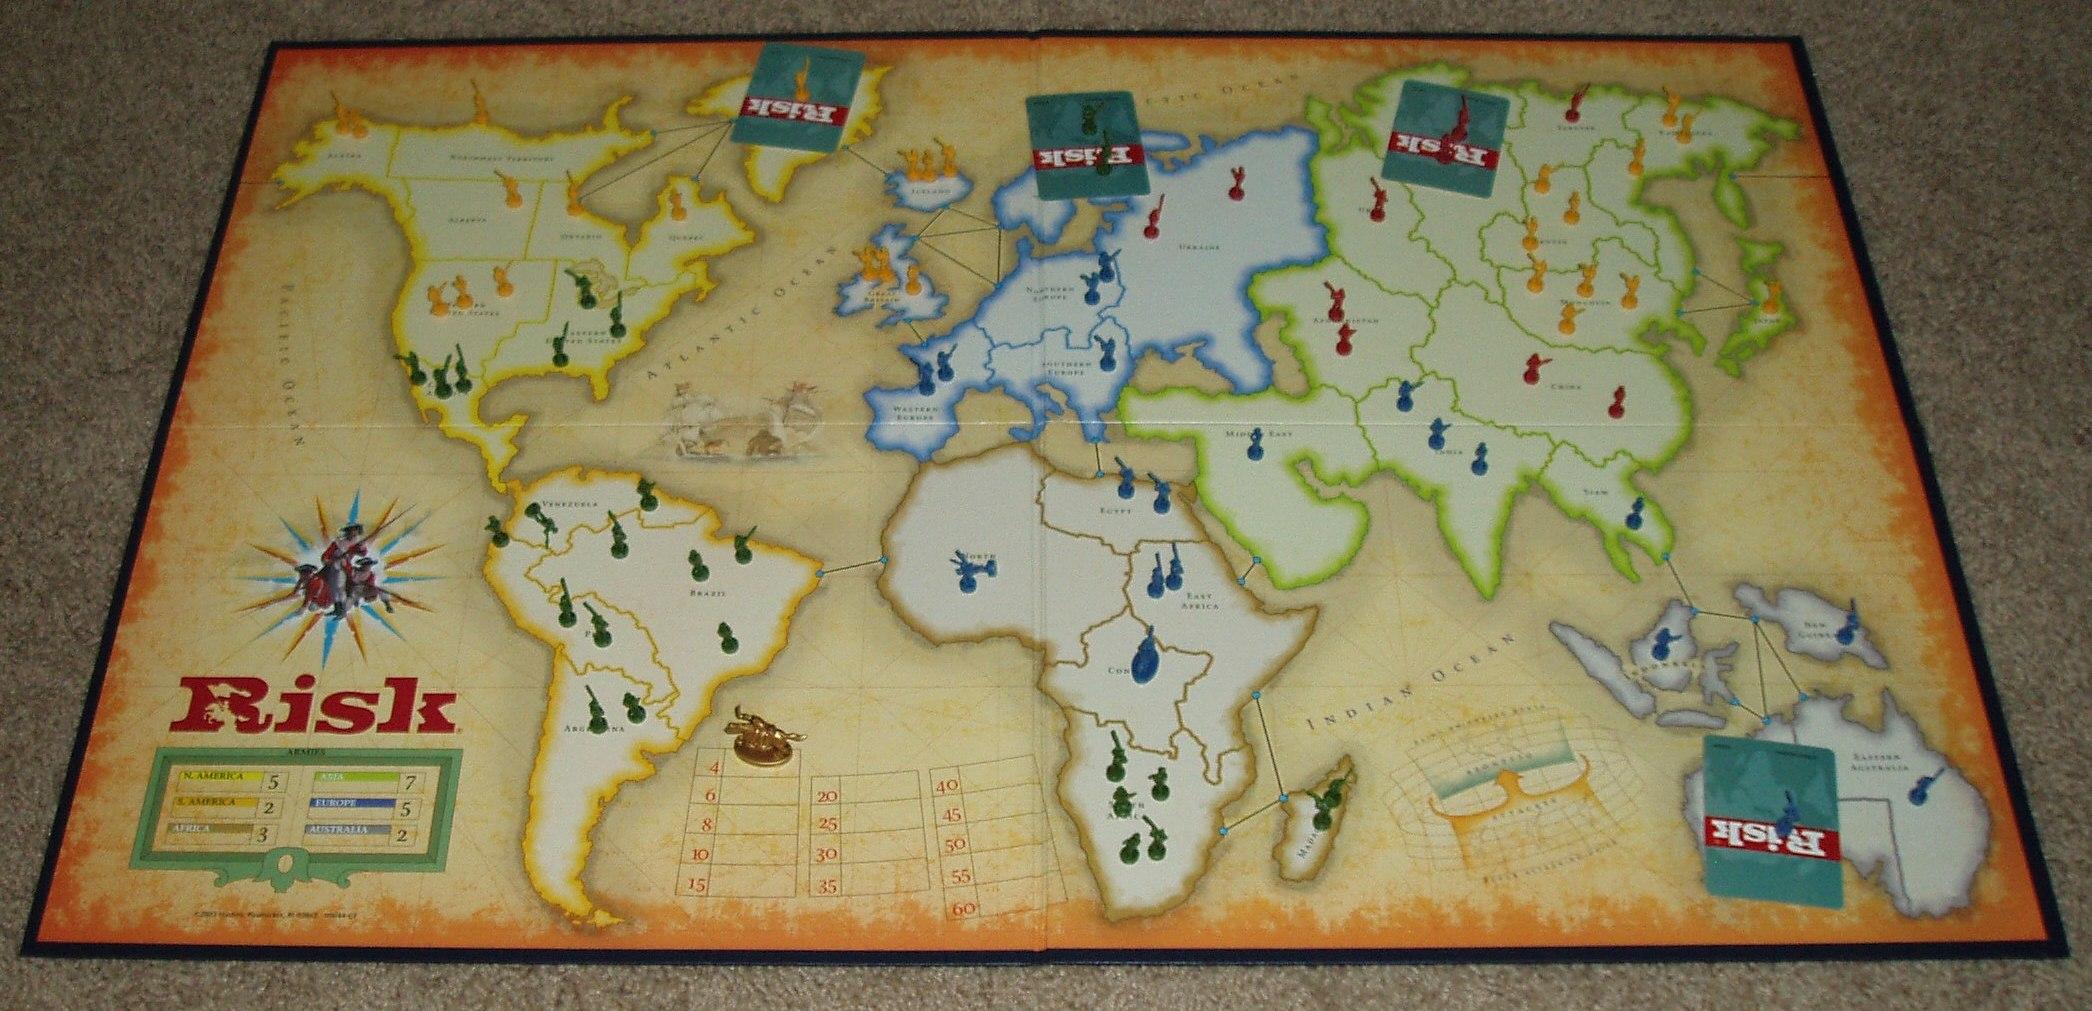 Juegos de mesa cual es tu preferido? Risk